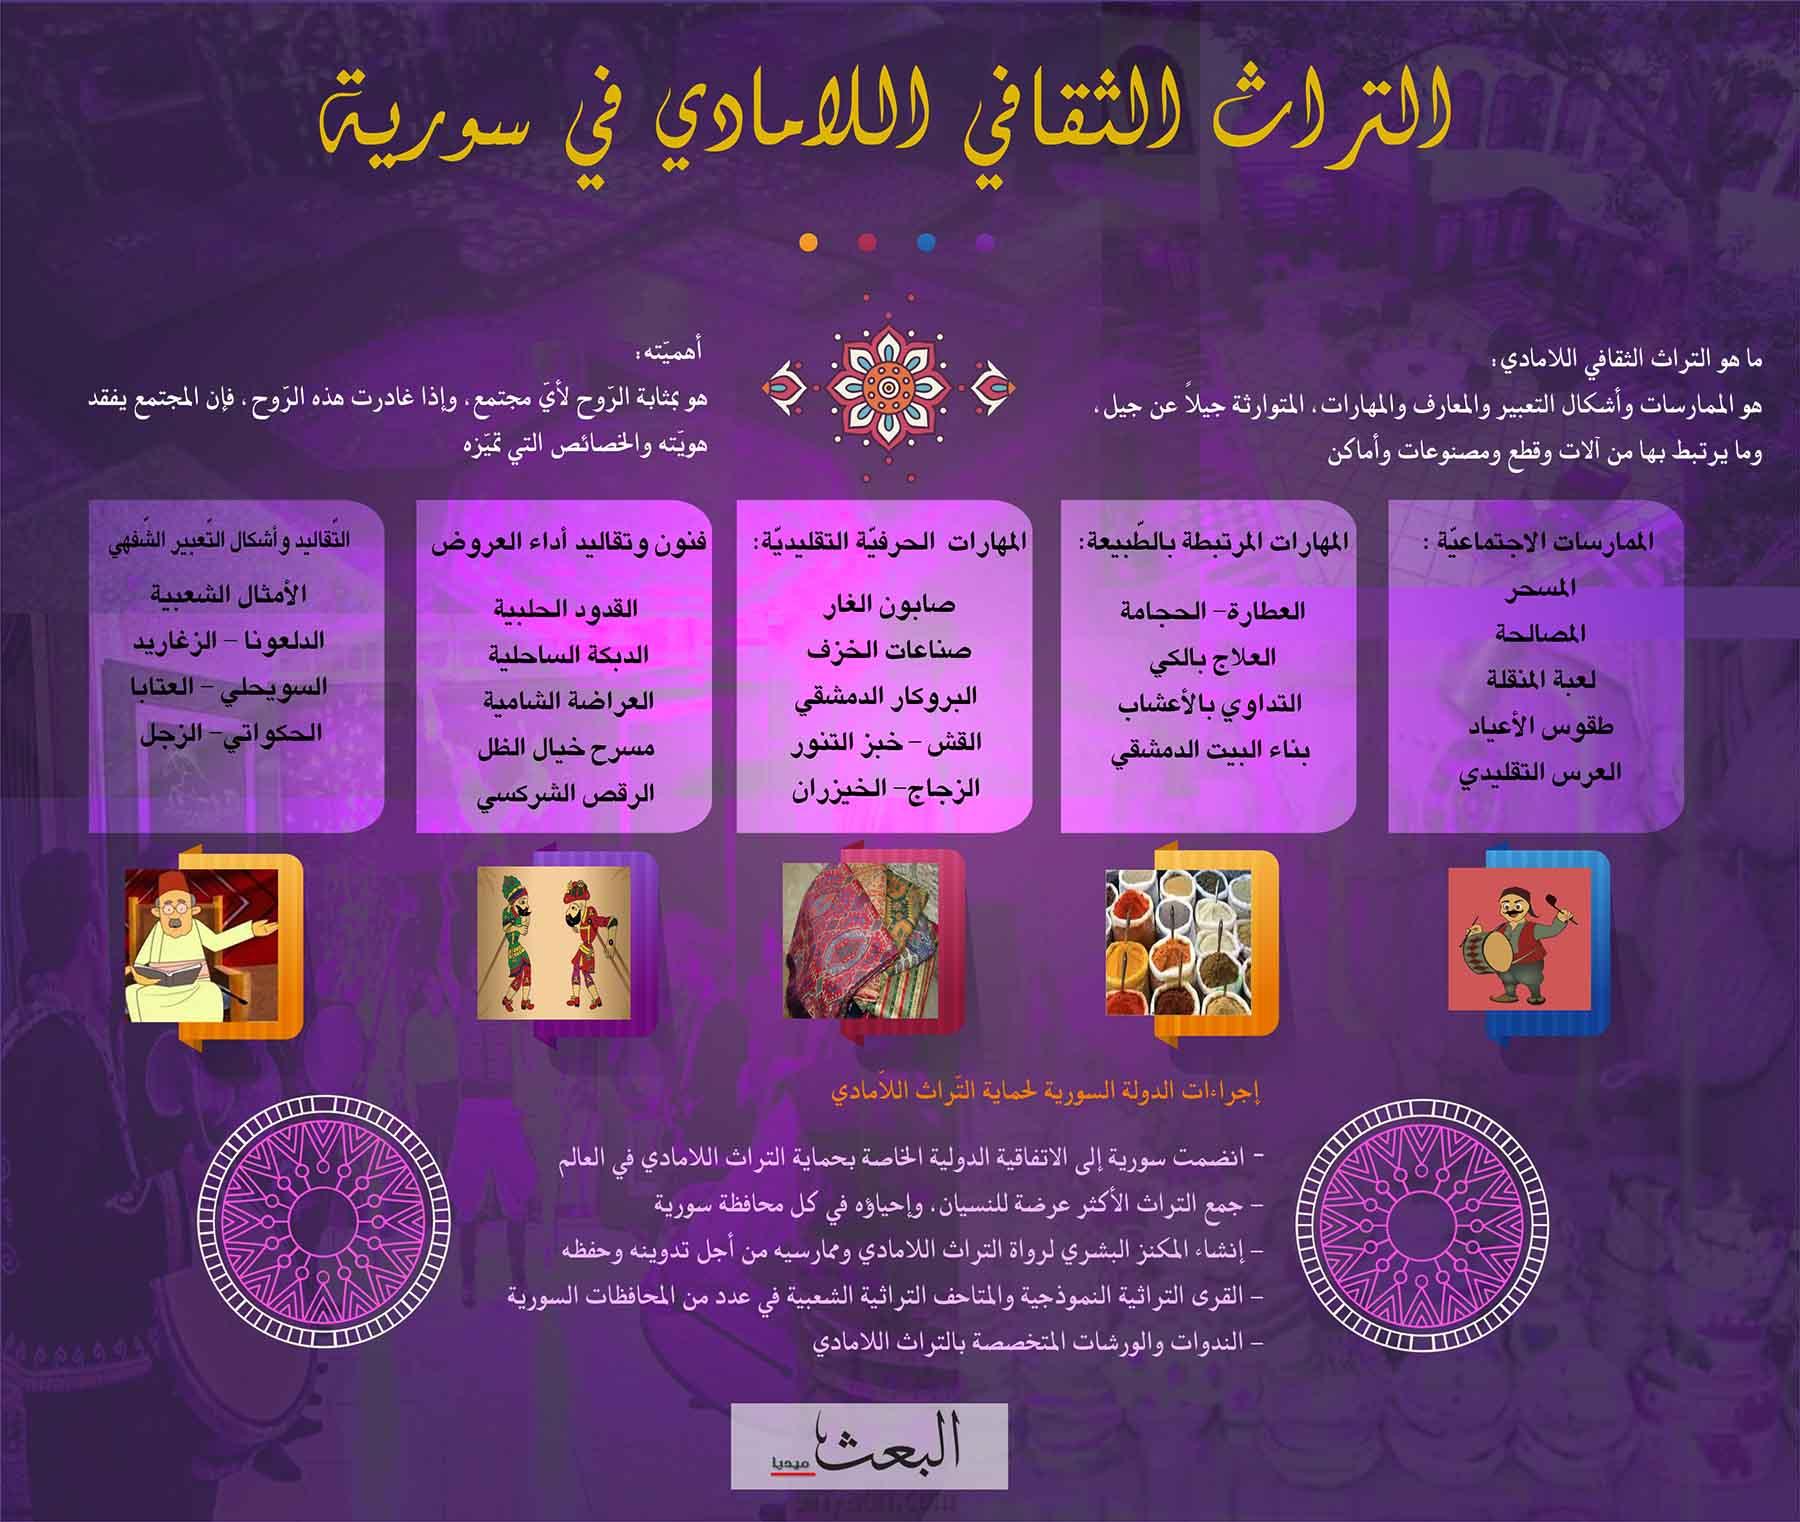 التراث الثقافي اللامادي في سورية